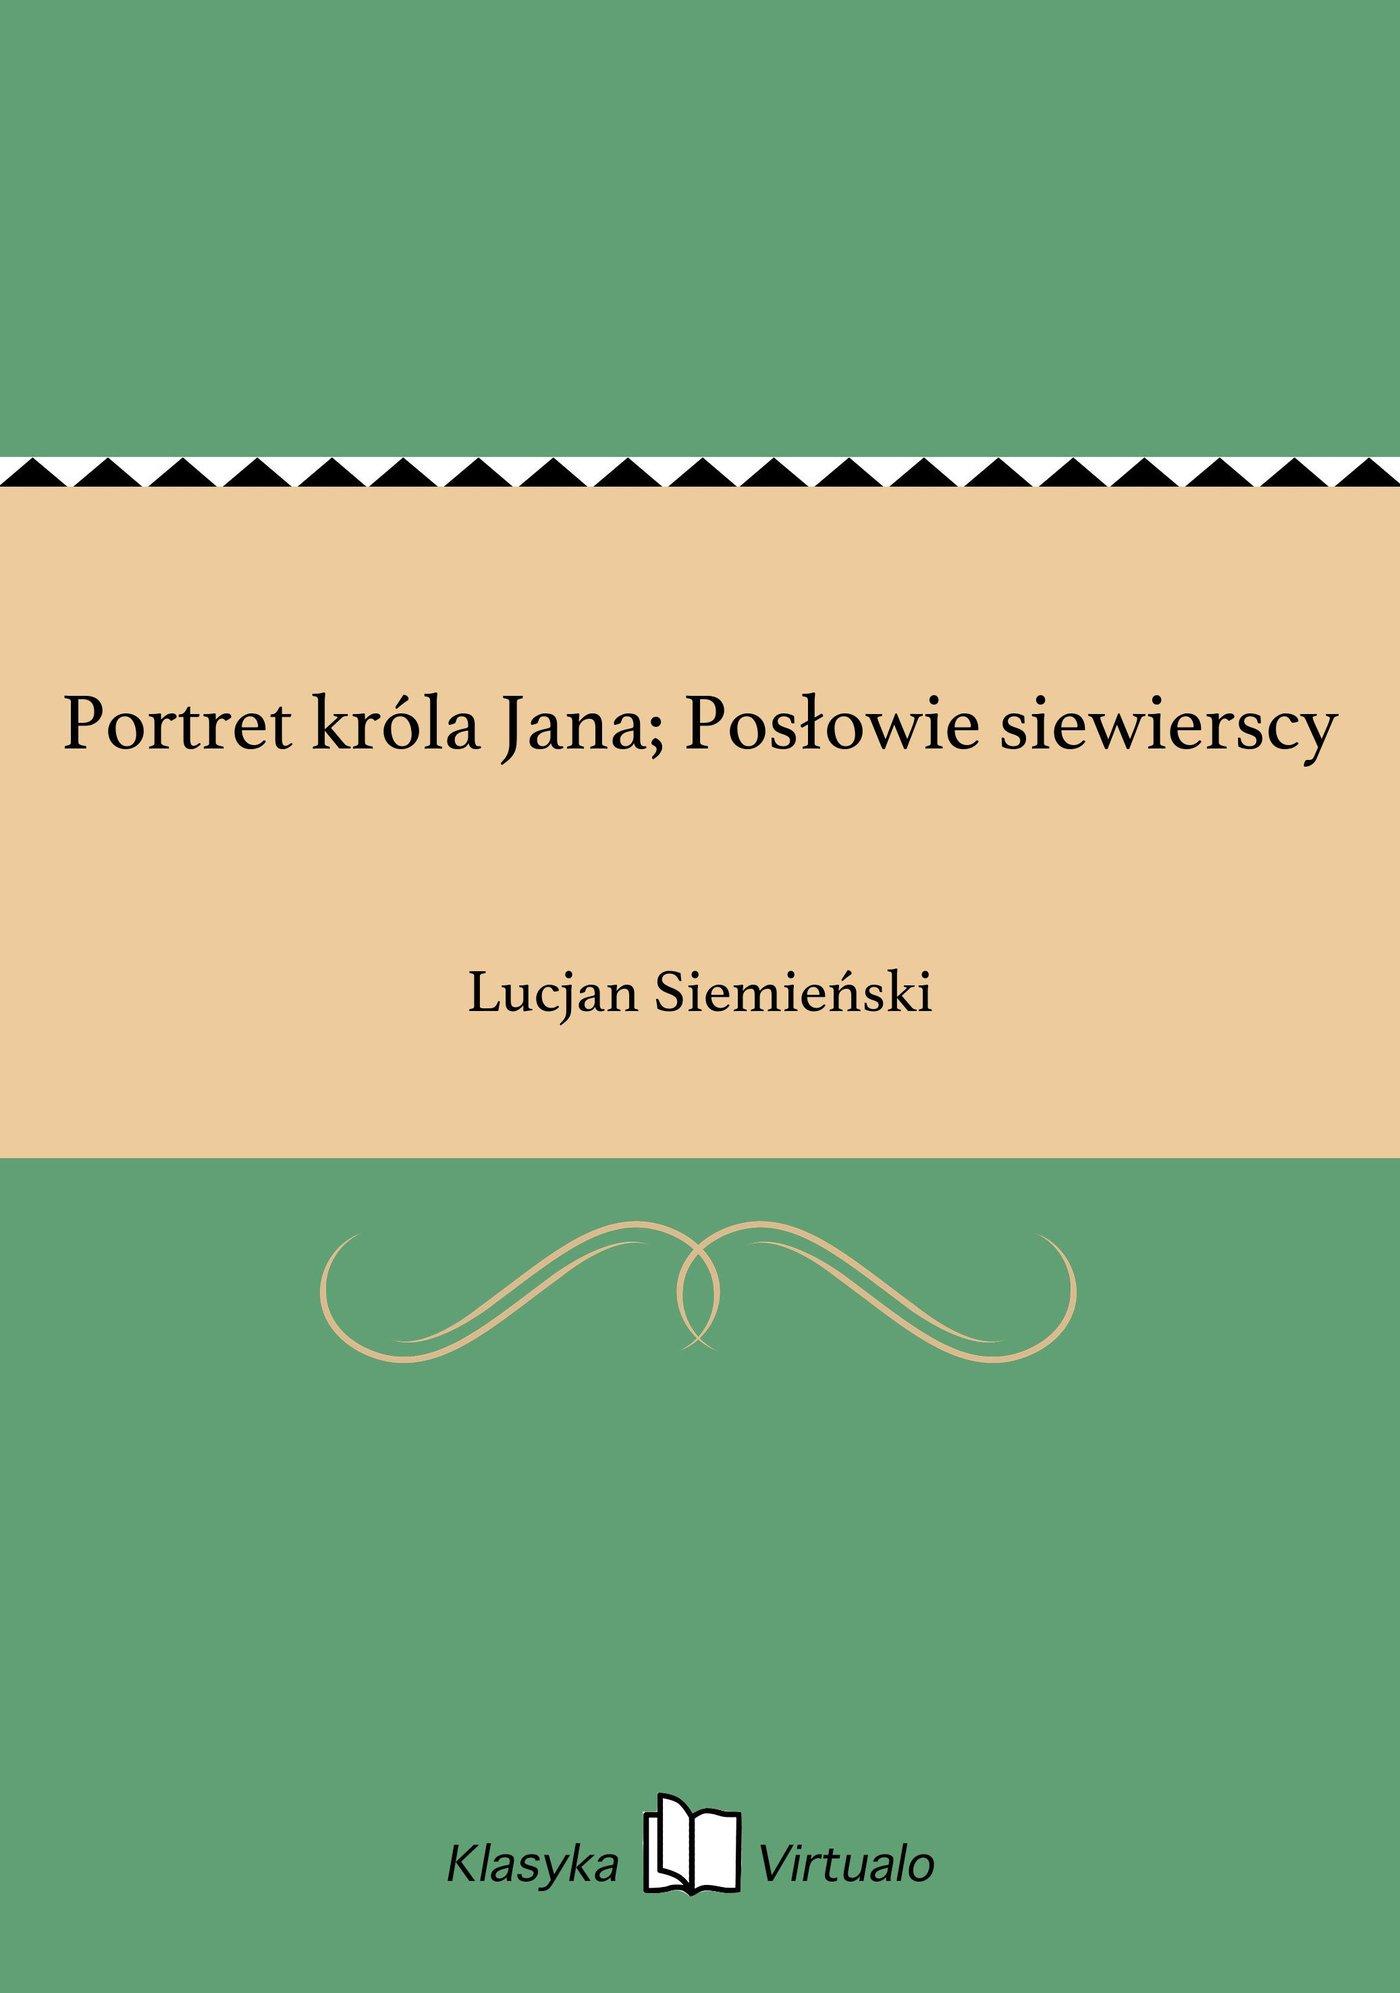 Portret króla Jana; Posłowie siewierscy - Ebook (Książka EPUB) do pobrania w formacie EPUB